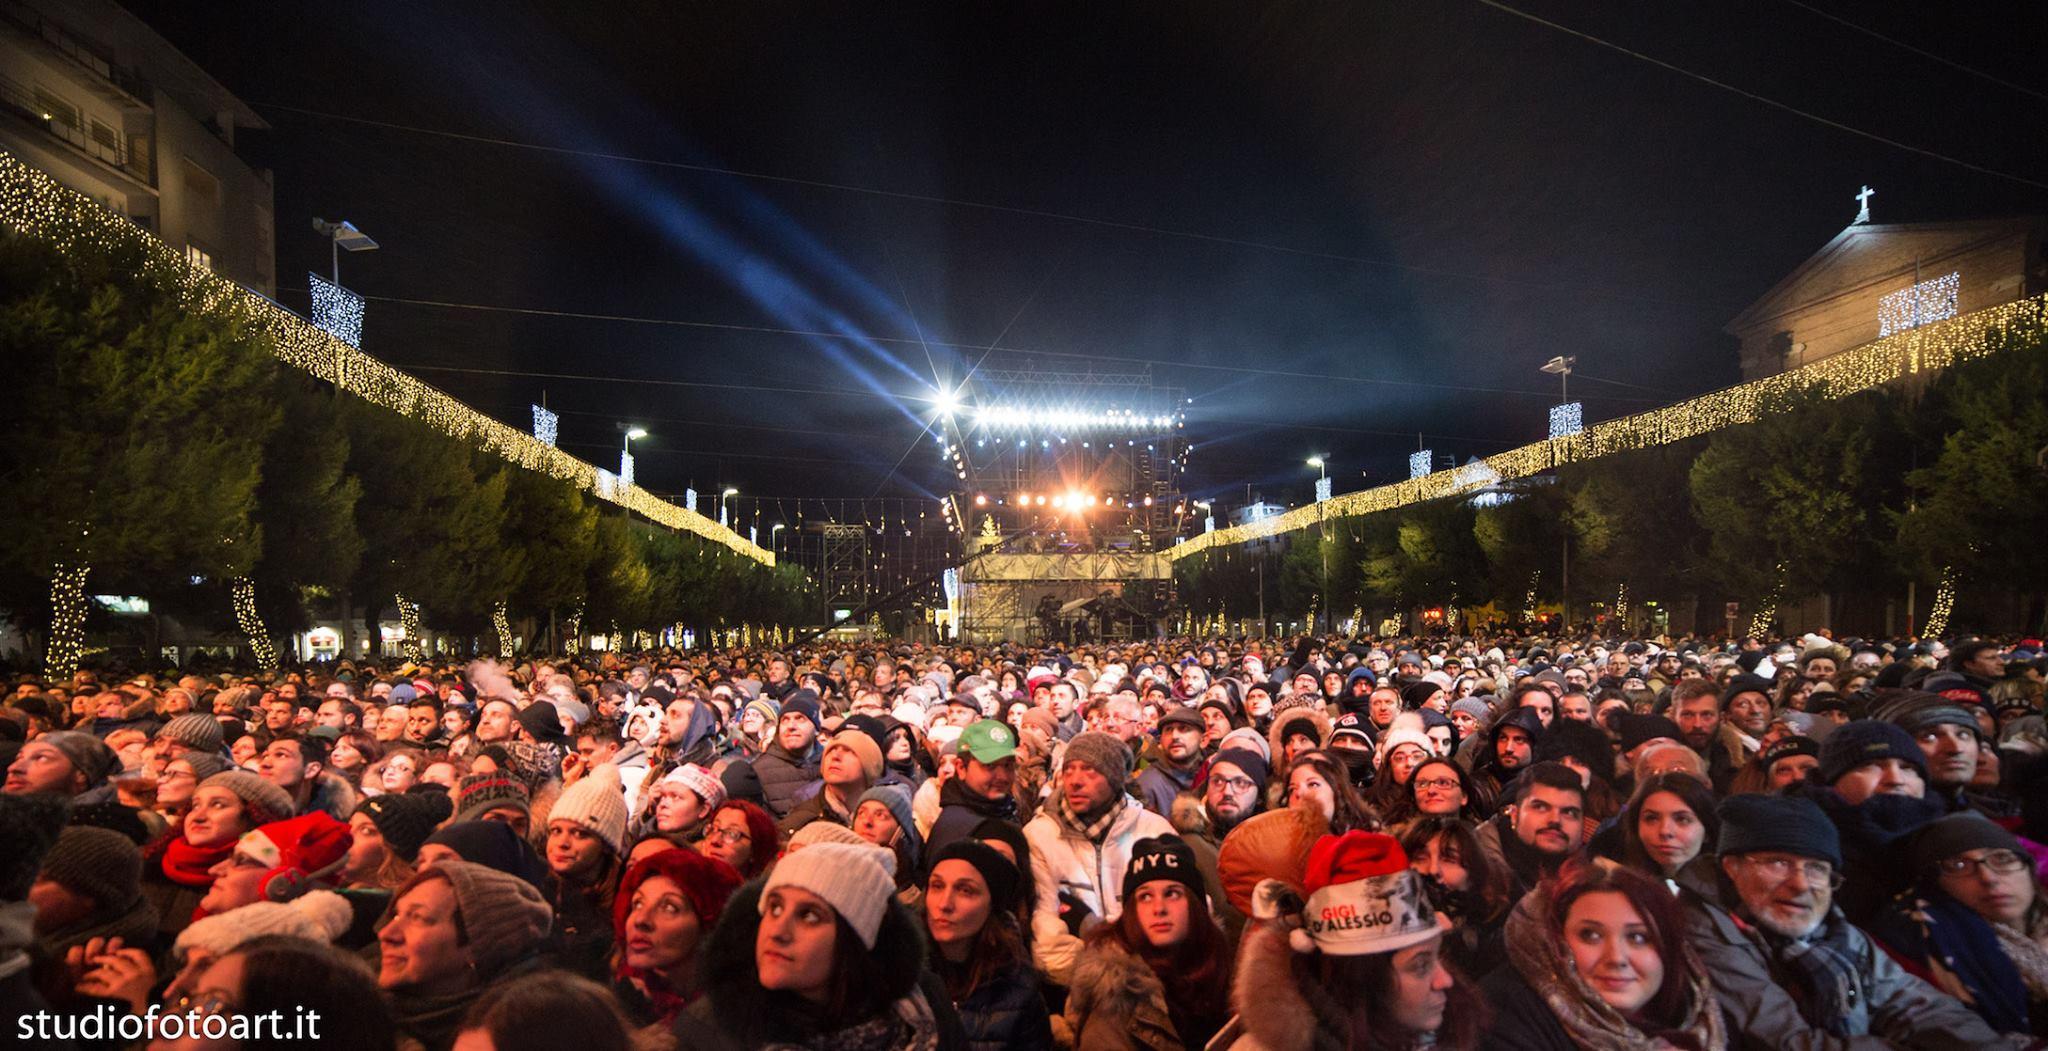 La pubblica sicurezza al concerto di capodanno a Civitanova, 7 persone denunciate